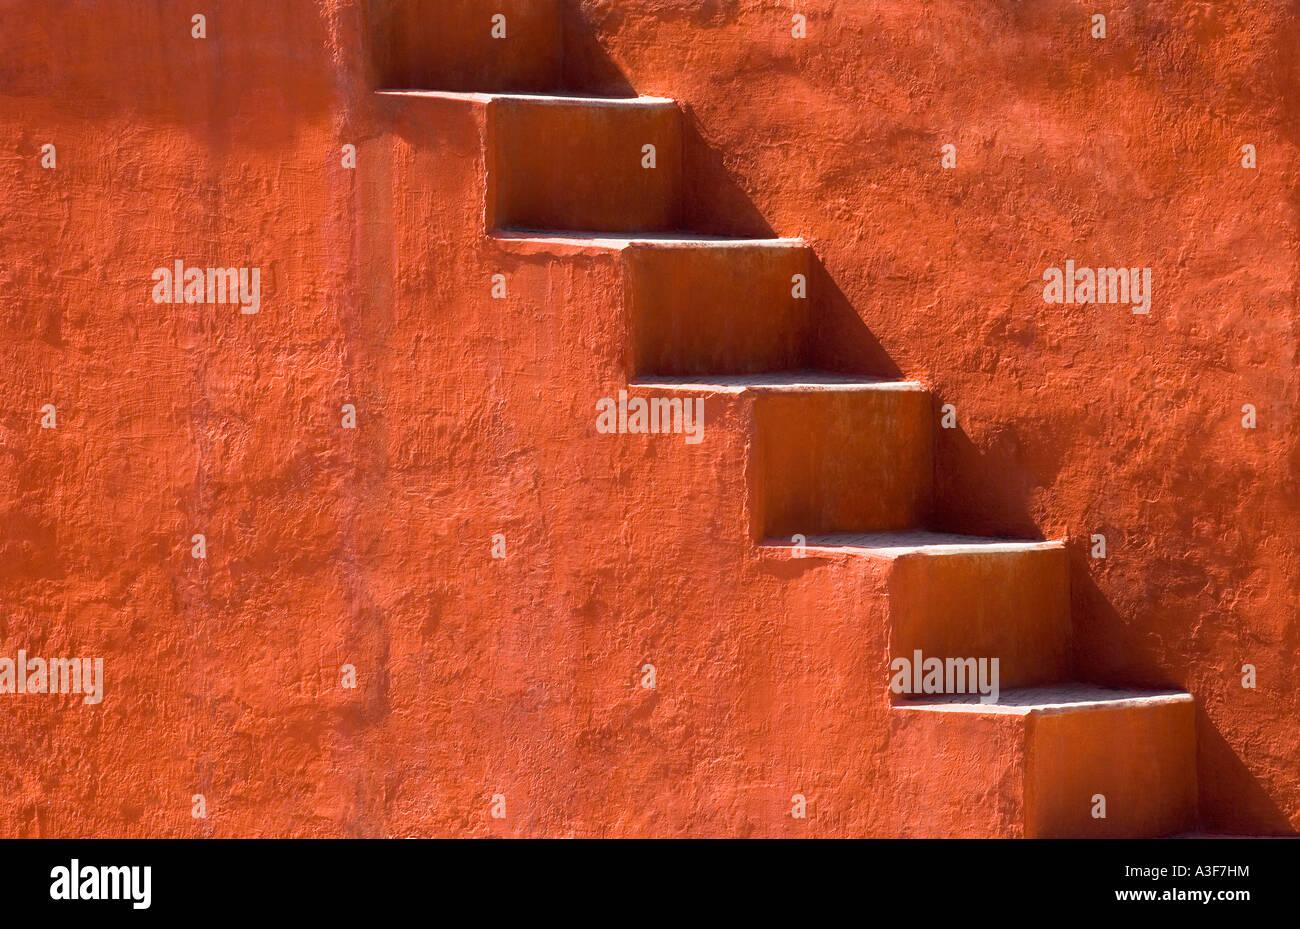 Schritte auf einem Gebäude, Jantar Mantar, New Delhi, Indien Stockbild